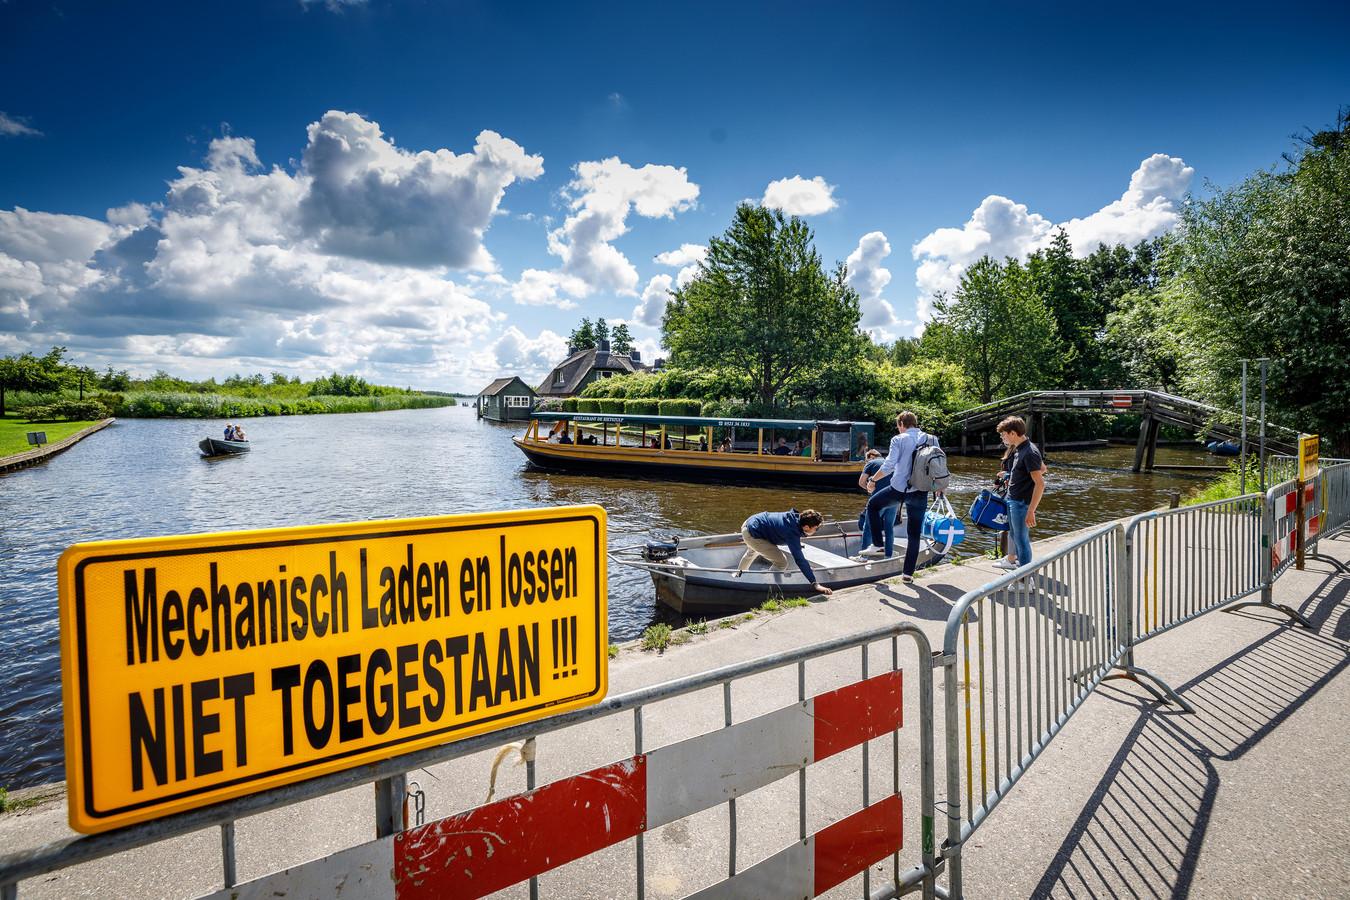 In juli van dit jaar werd de loswal afgesloten vanwege ongeoorloofd mechanisch laden en lossen. (archieffoto)